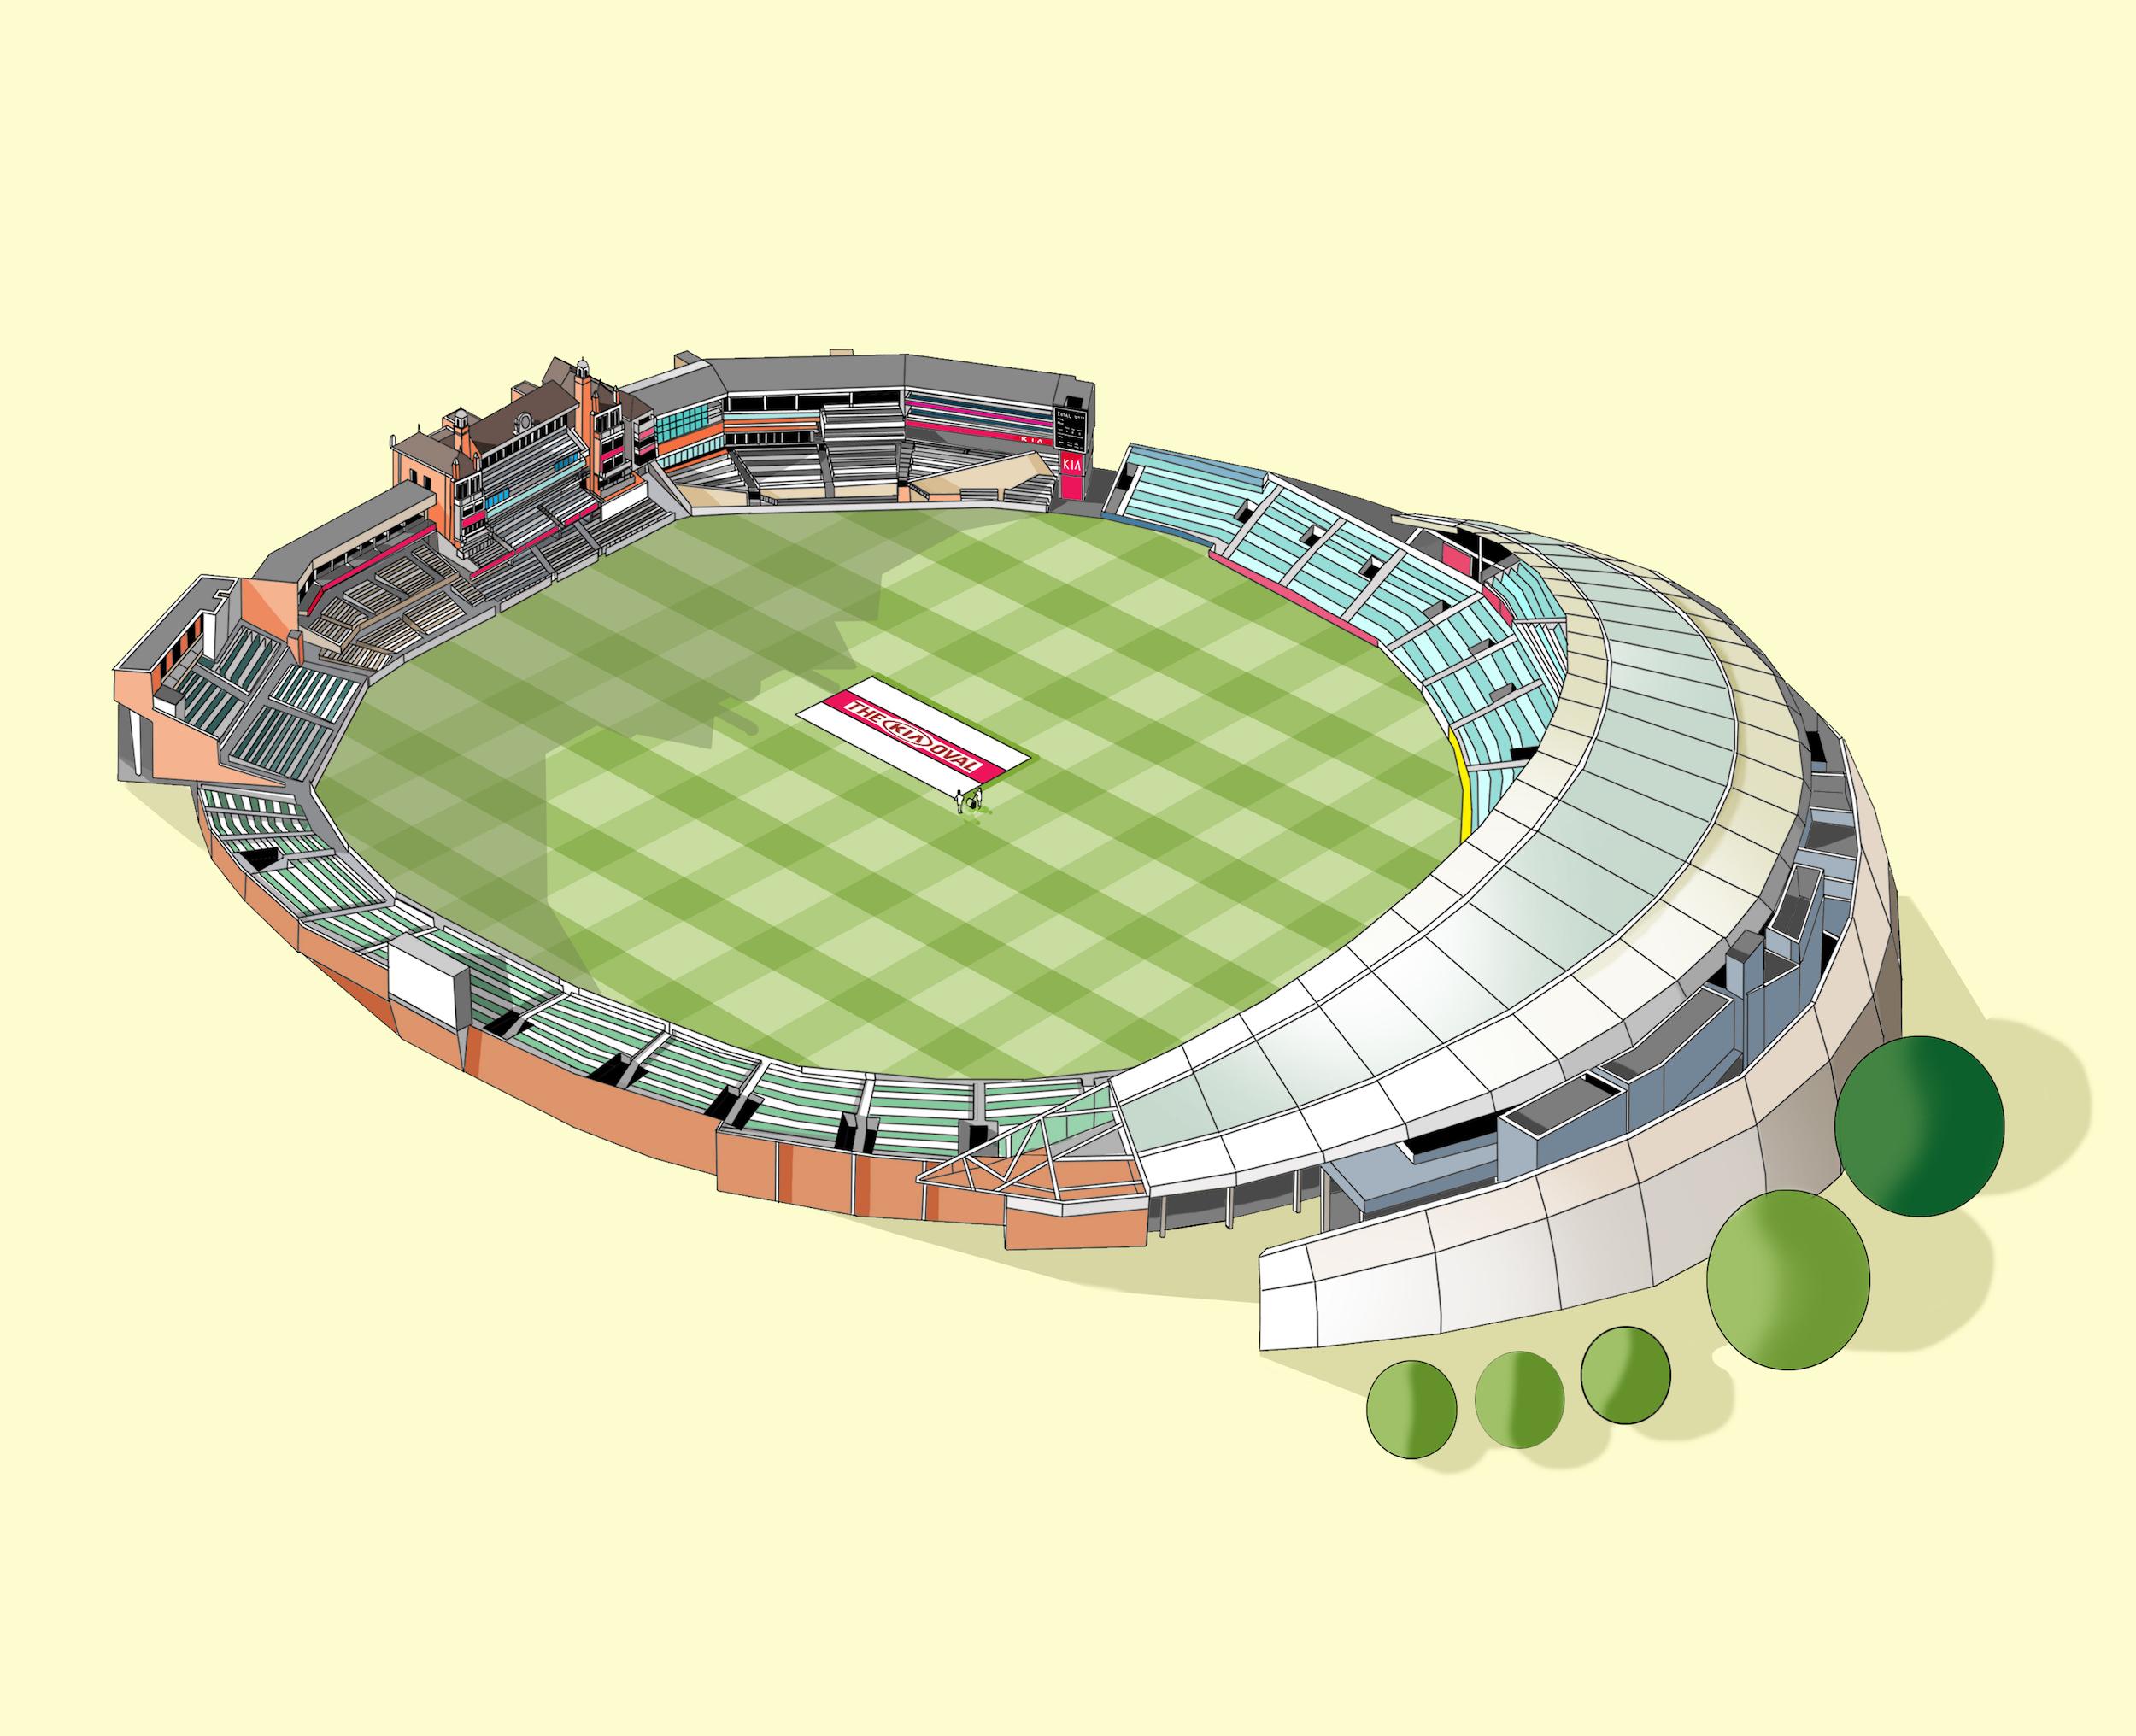 Oval Cricket Ground  Illustration by Katherine Baxter